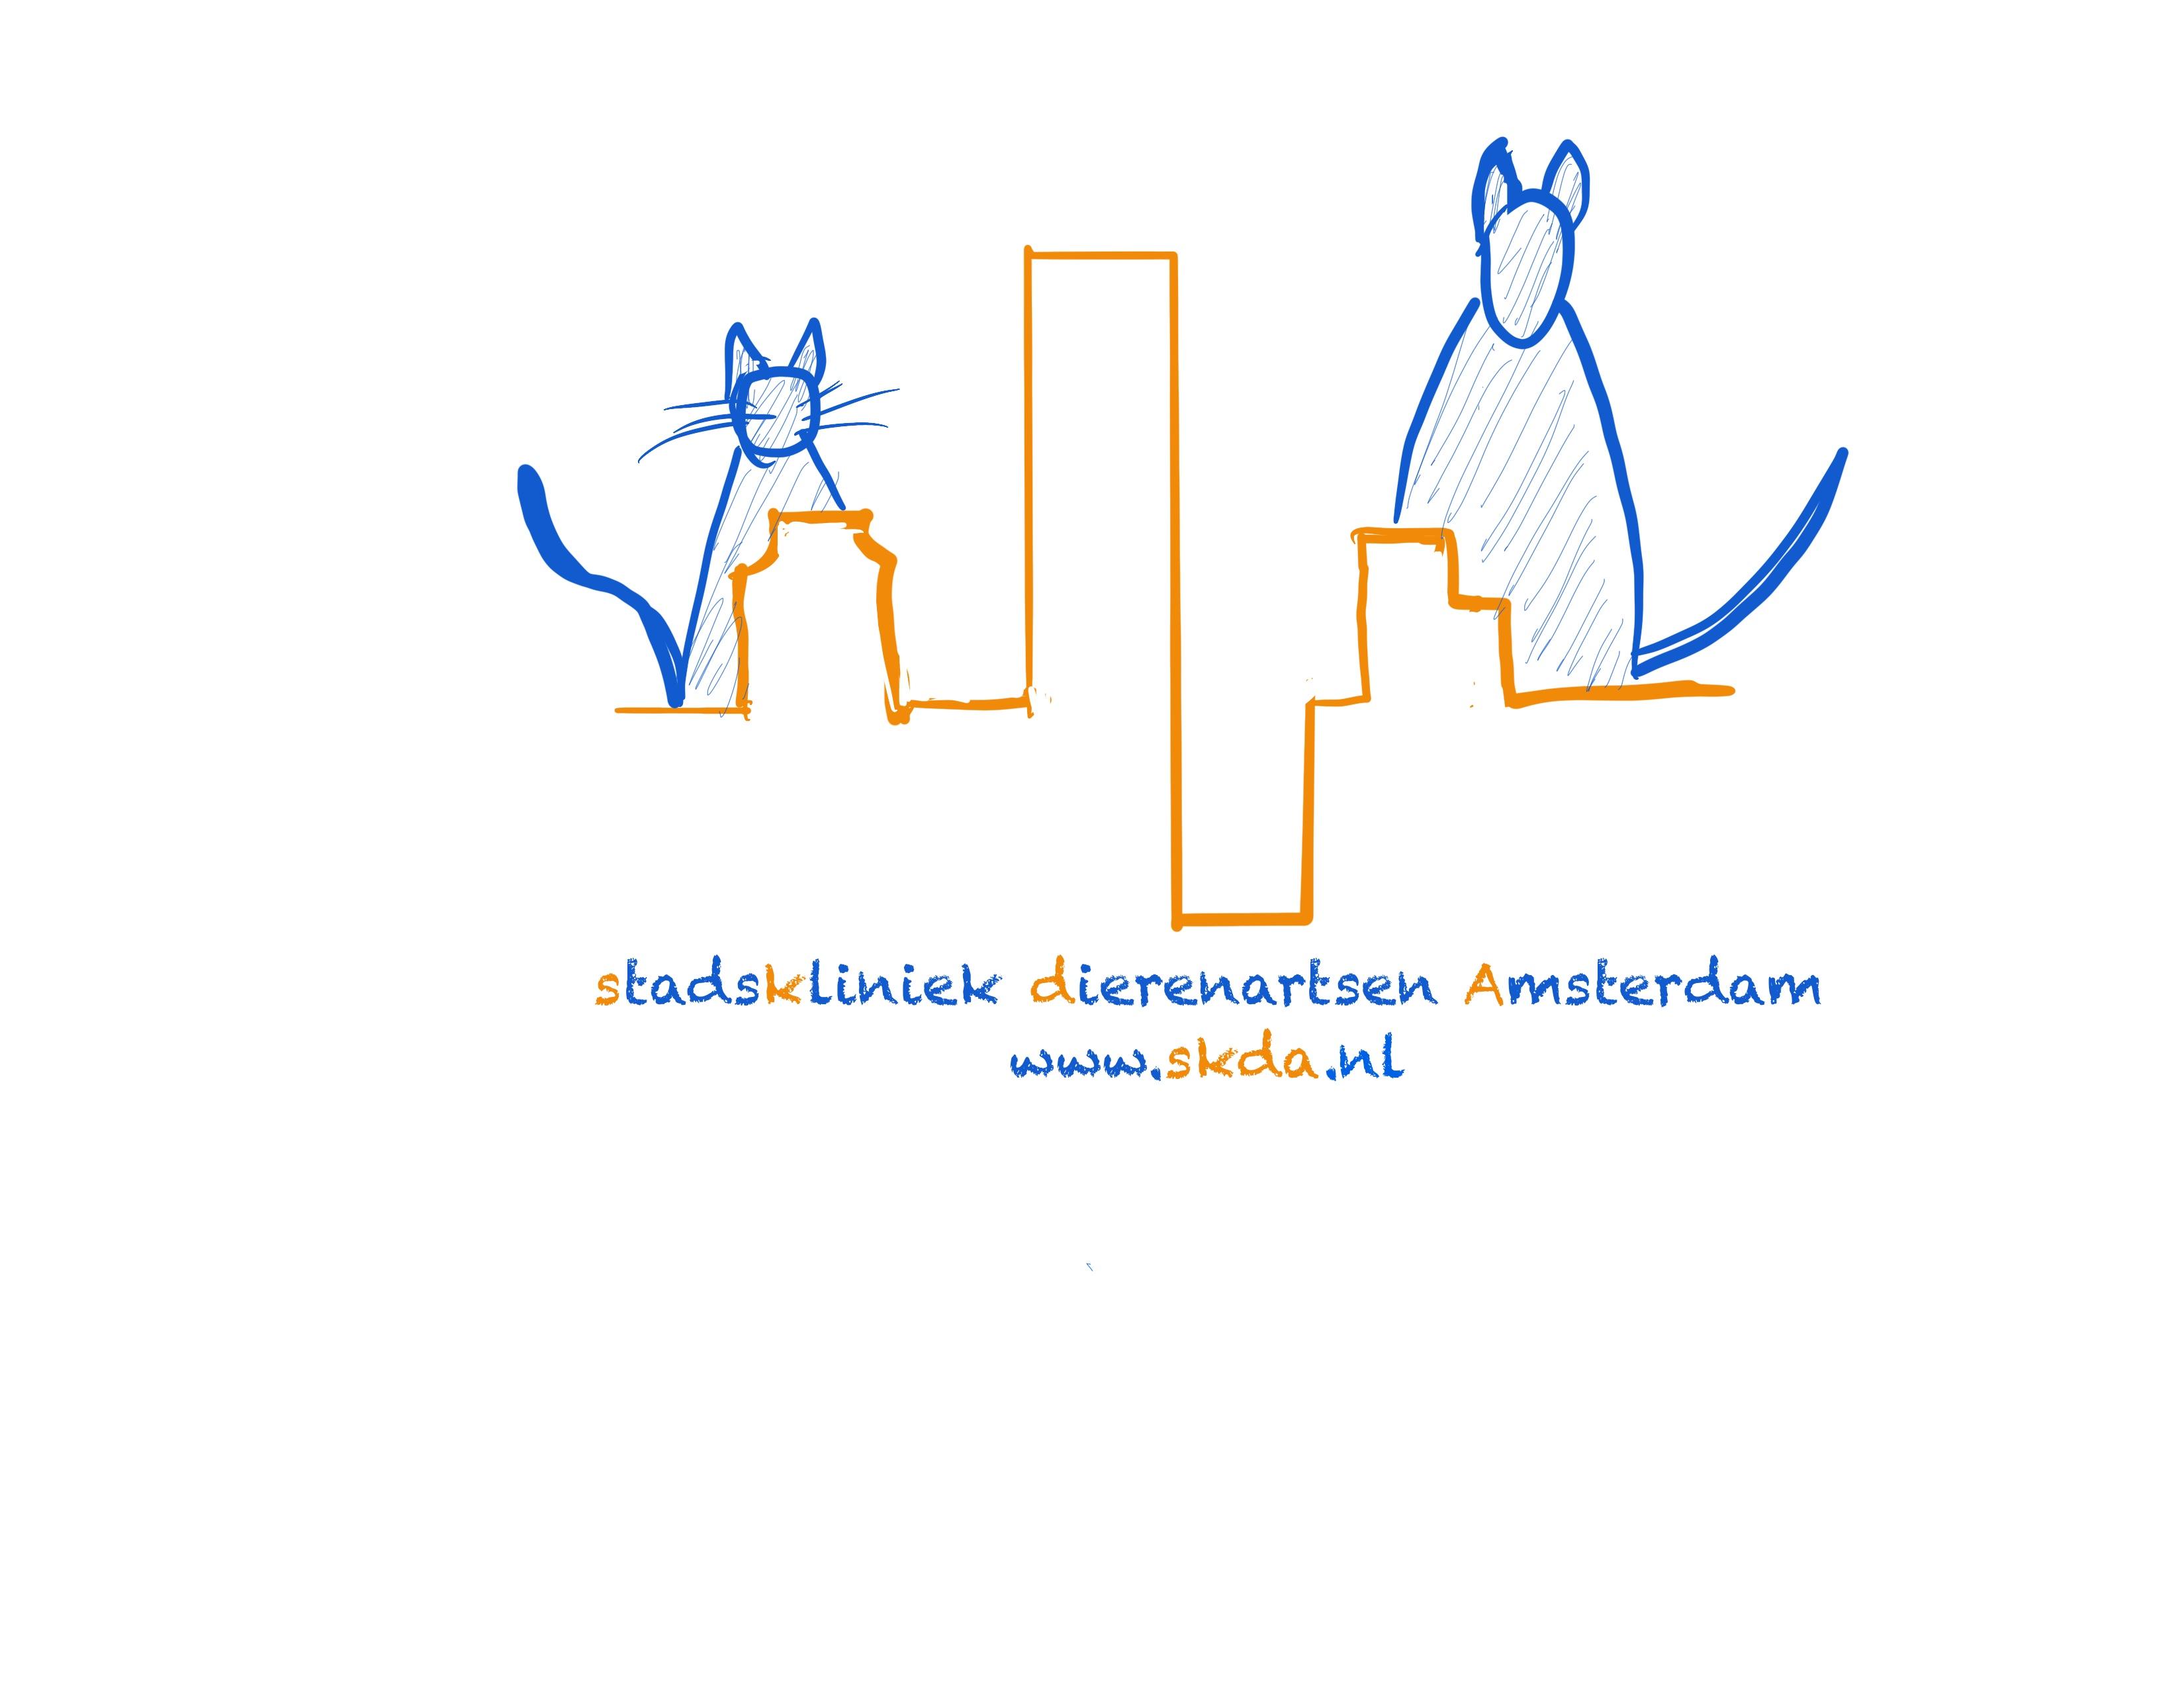 Stadskliniek dierenartsen Amsterdam